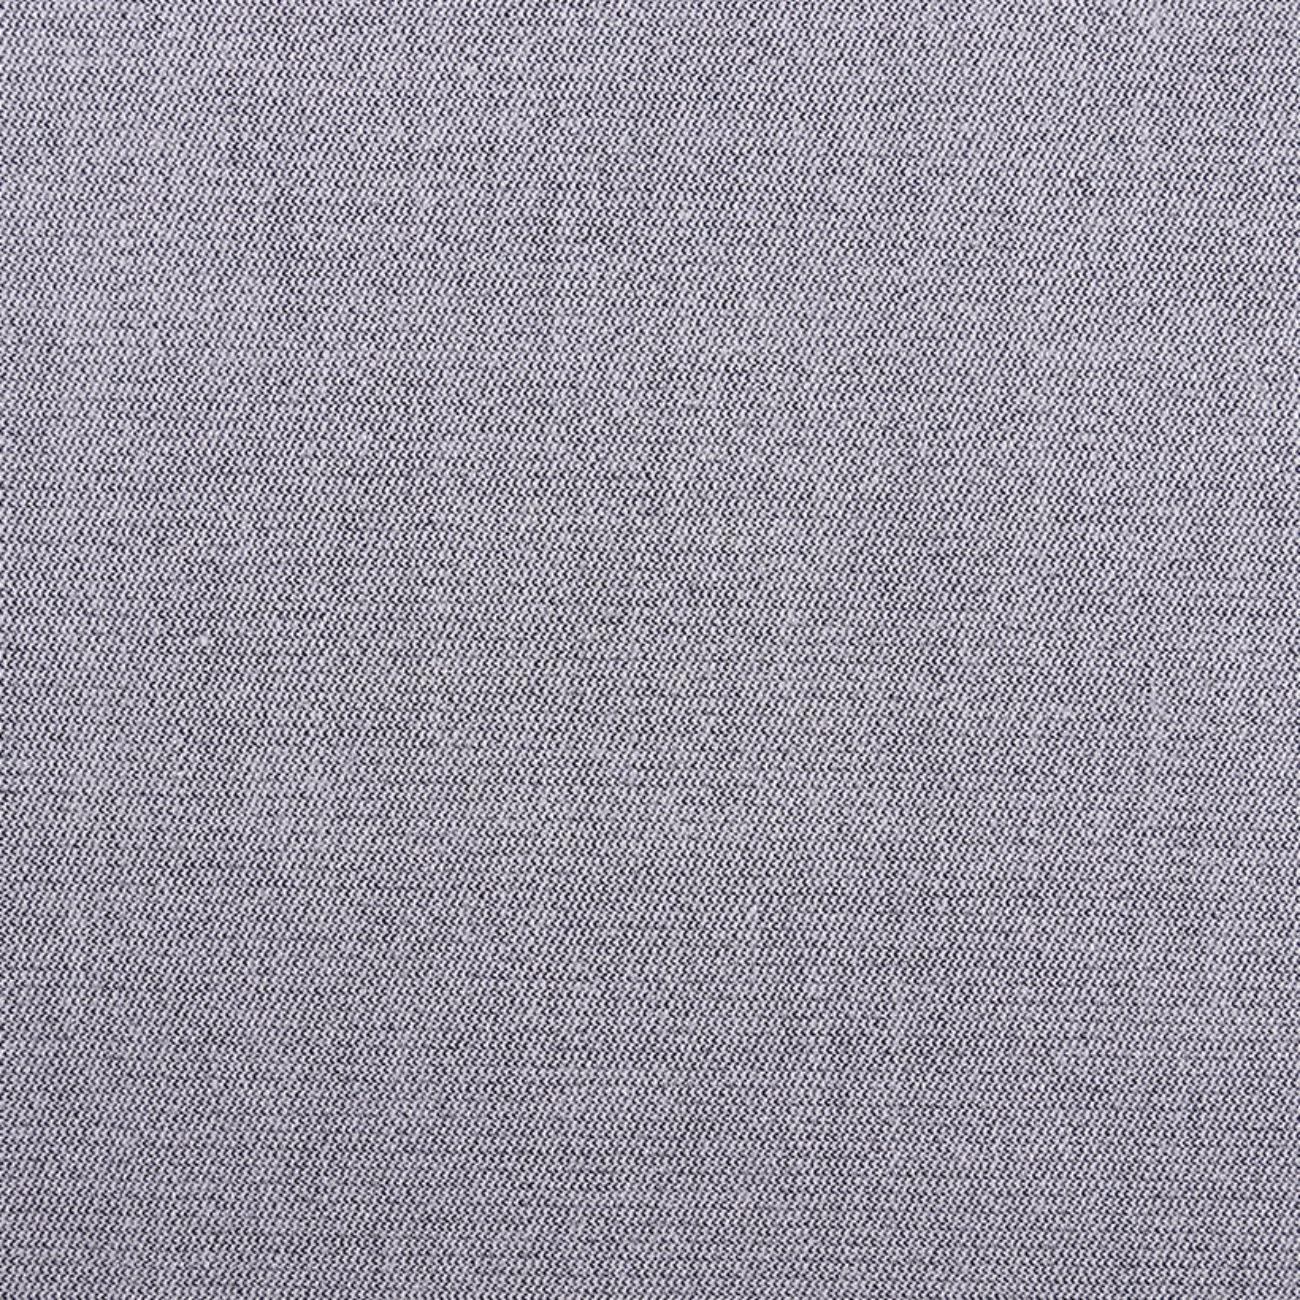 毛纺 素色 羊毛 斜纹 染色 薄 精纺 西装 职业装 春秋 女装 71122-65